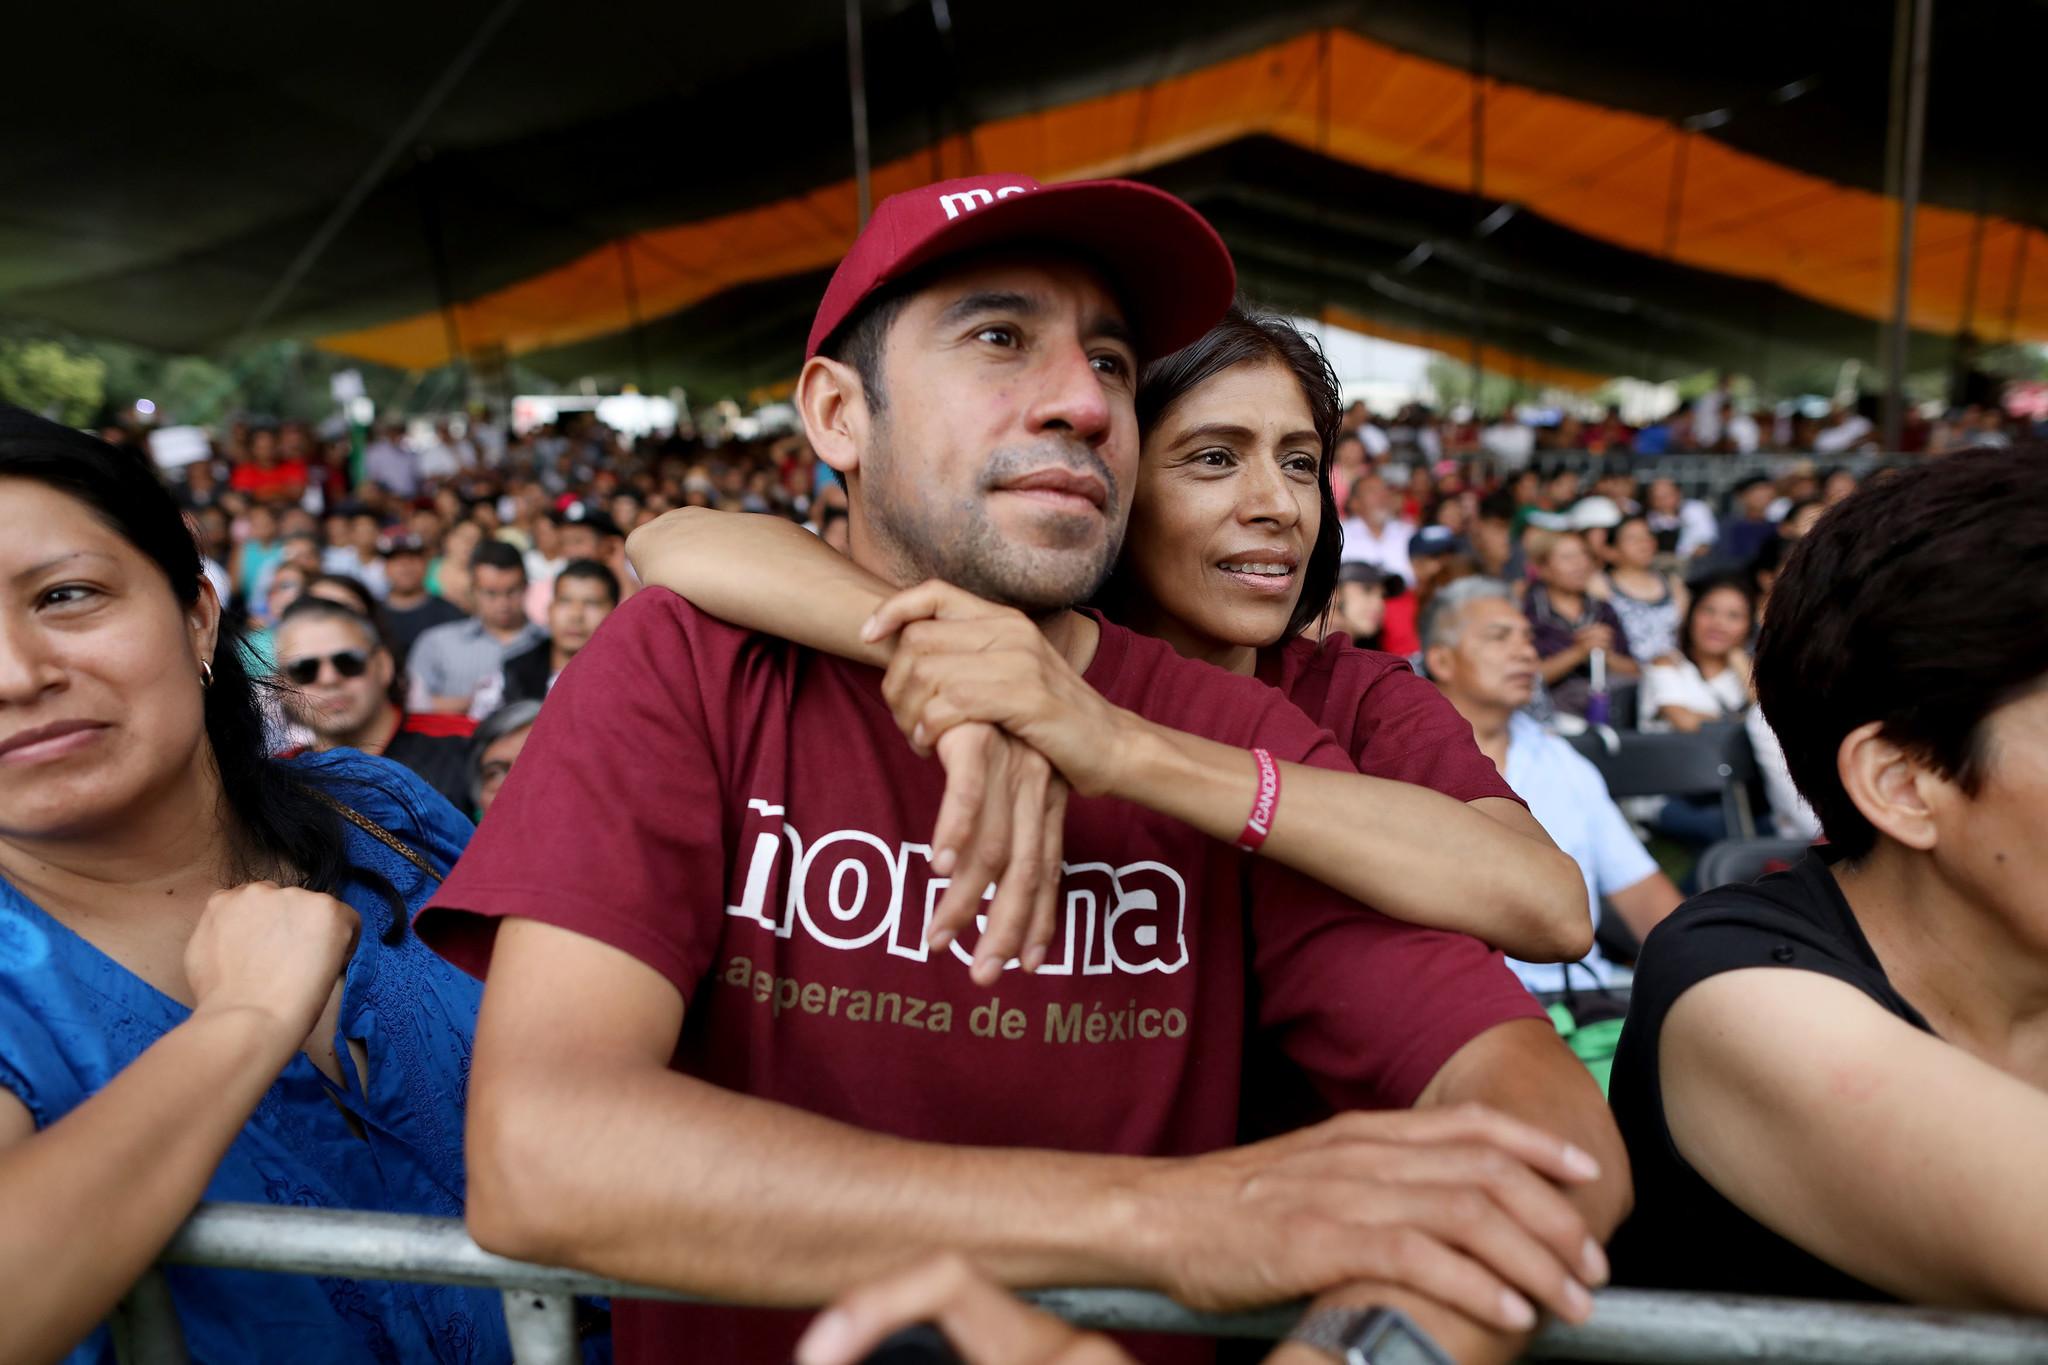 Morena campaign rally